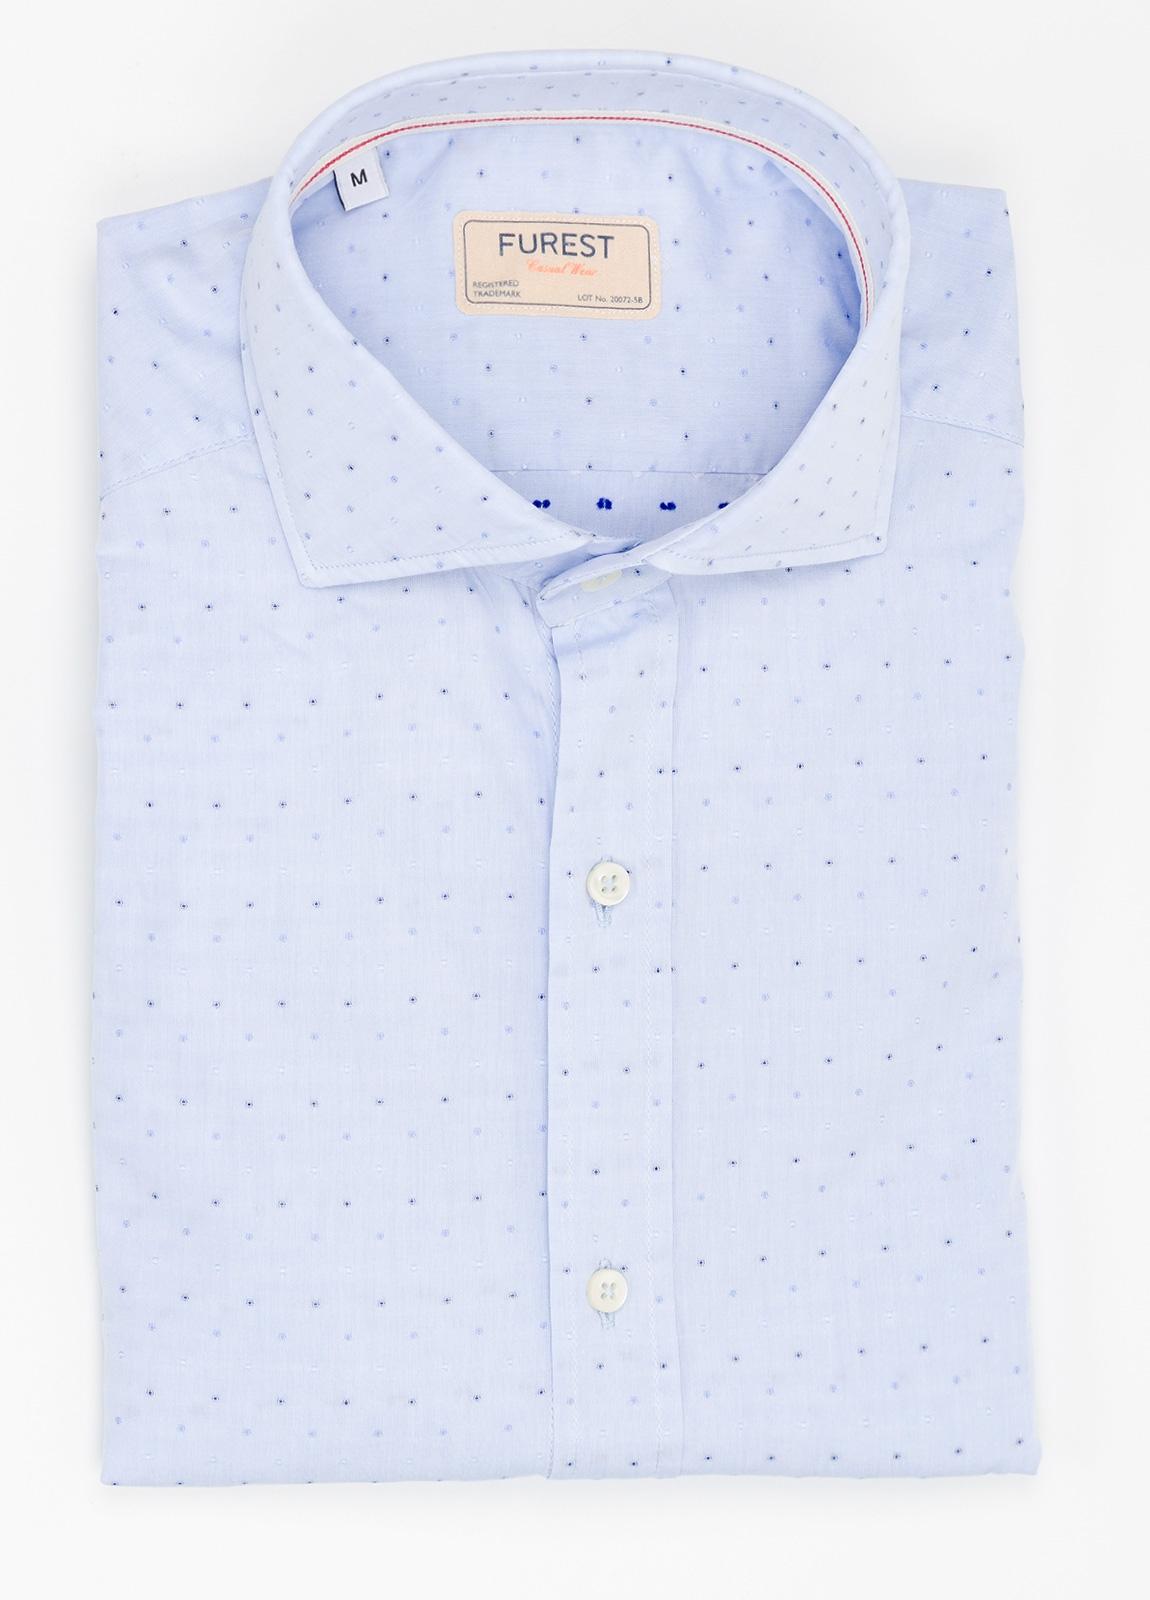 Camisa Casual Wear SLIM FIT Modelo CAPRI diseño liso micro dibujo color celeste. 100% Algodón.